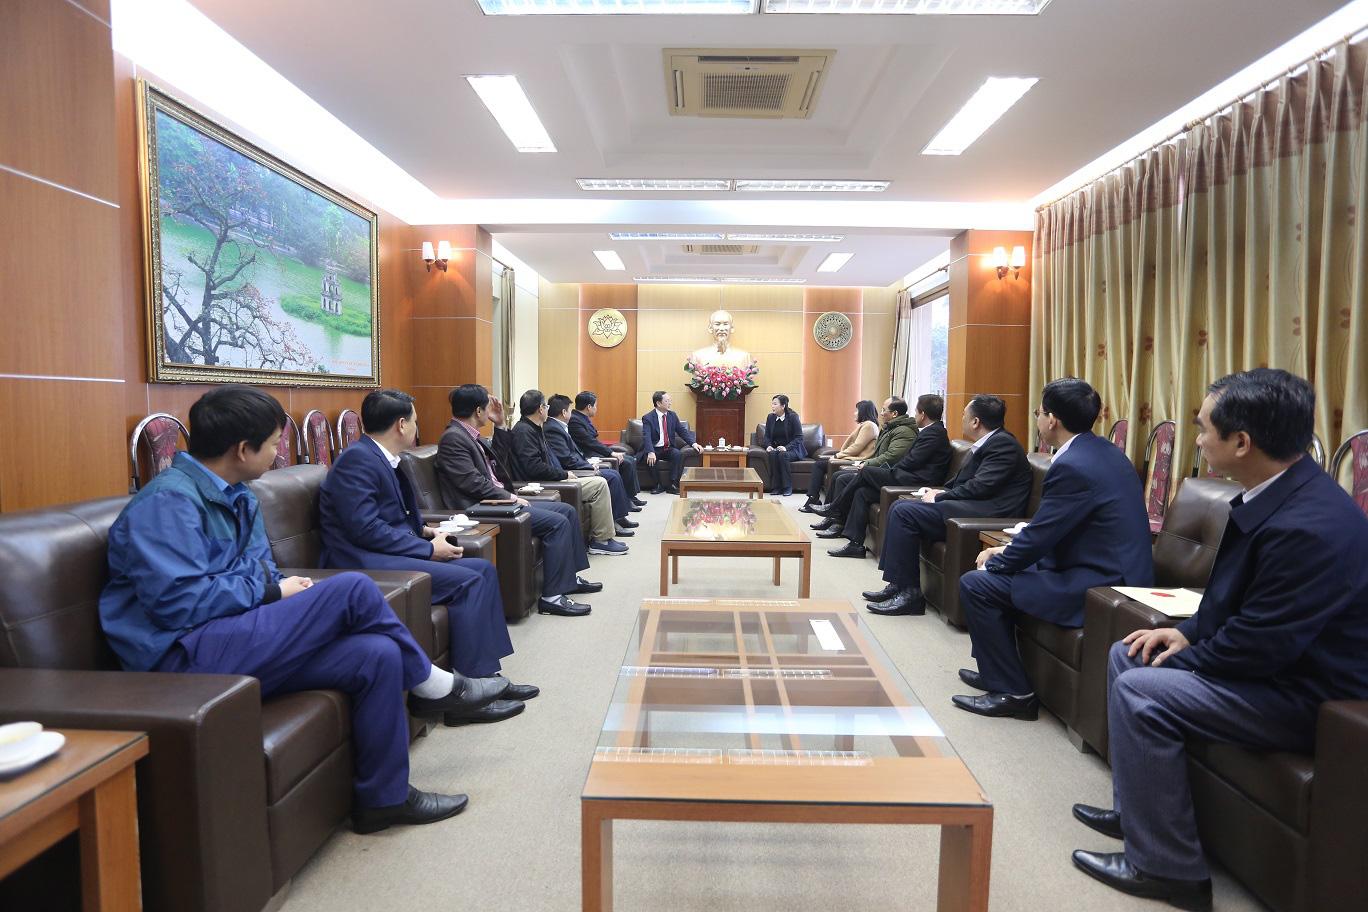 Bộ trưởng Bộ Khoa học và Công nghệ làm việc tại tỉnh Thái Nguyên - Ảnh 10.